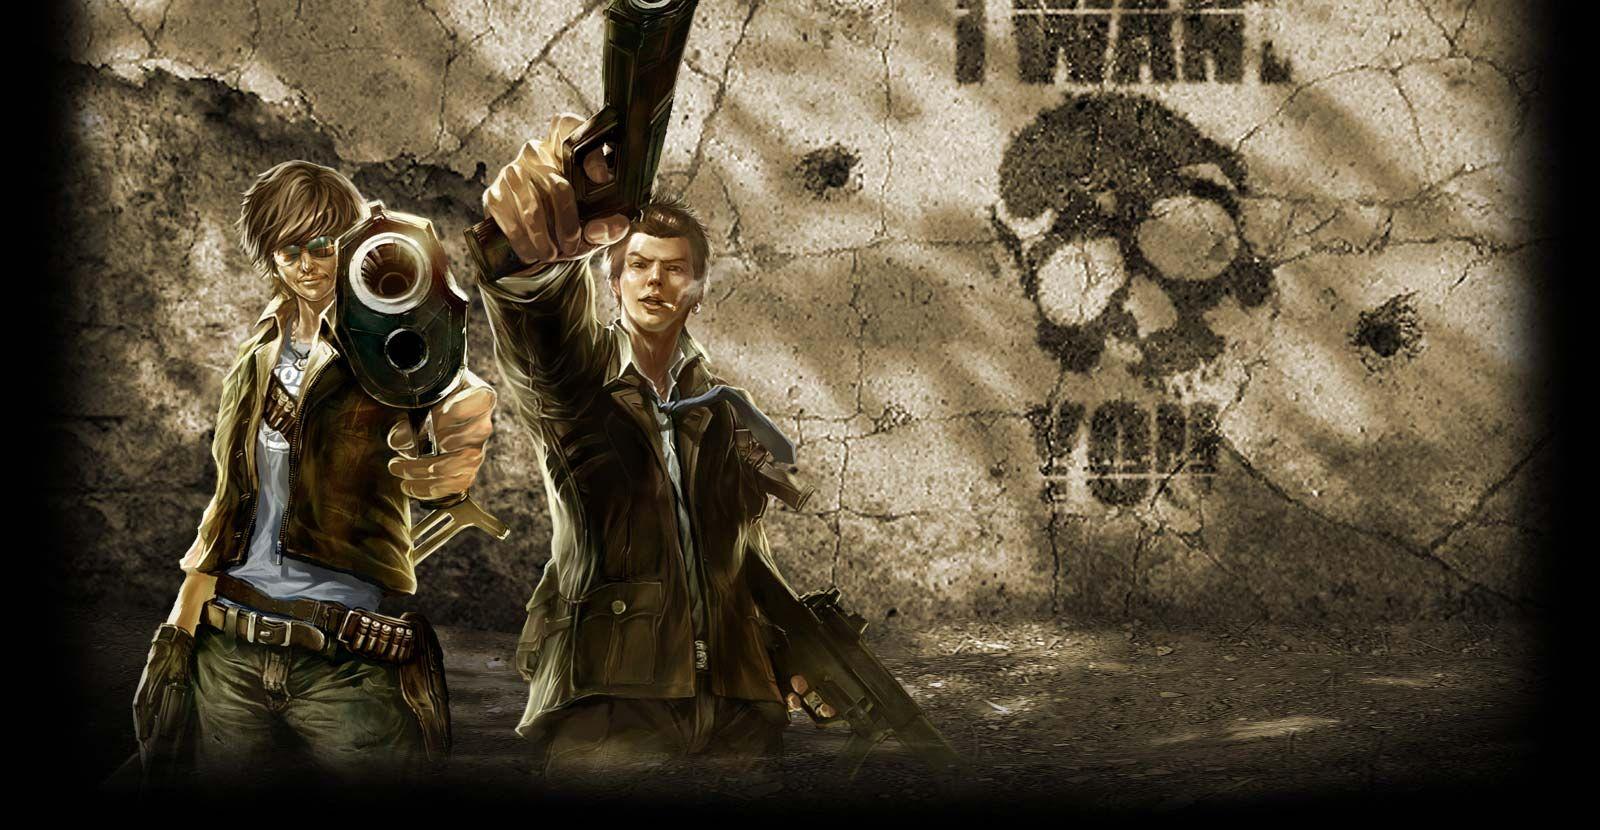 Operation7 Latino :: El juegos de tiros con más usuarios de Latinoamérica :: Axeso5.com